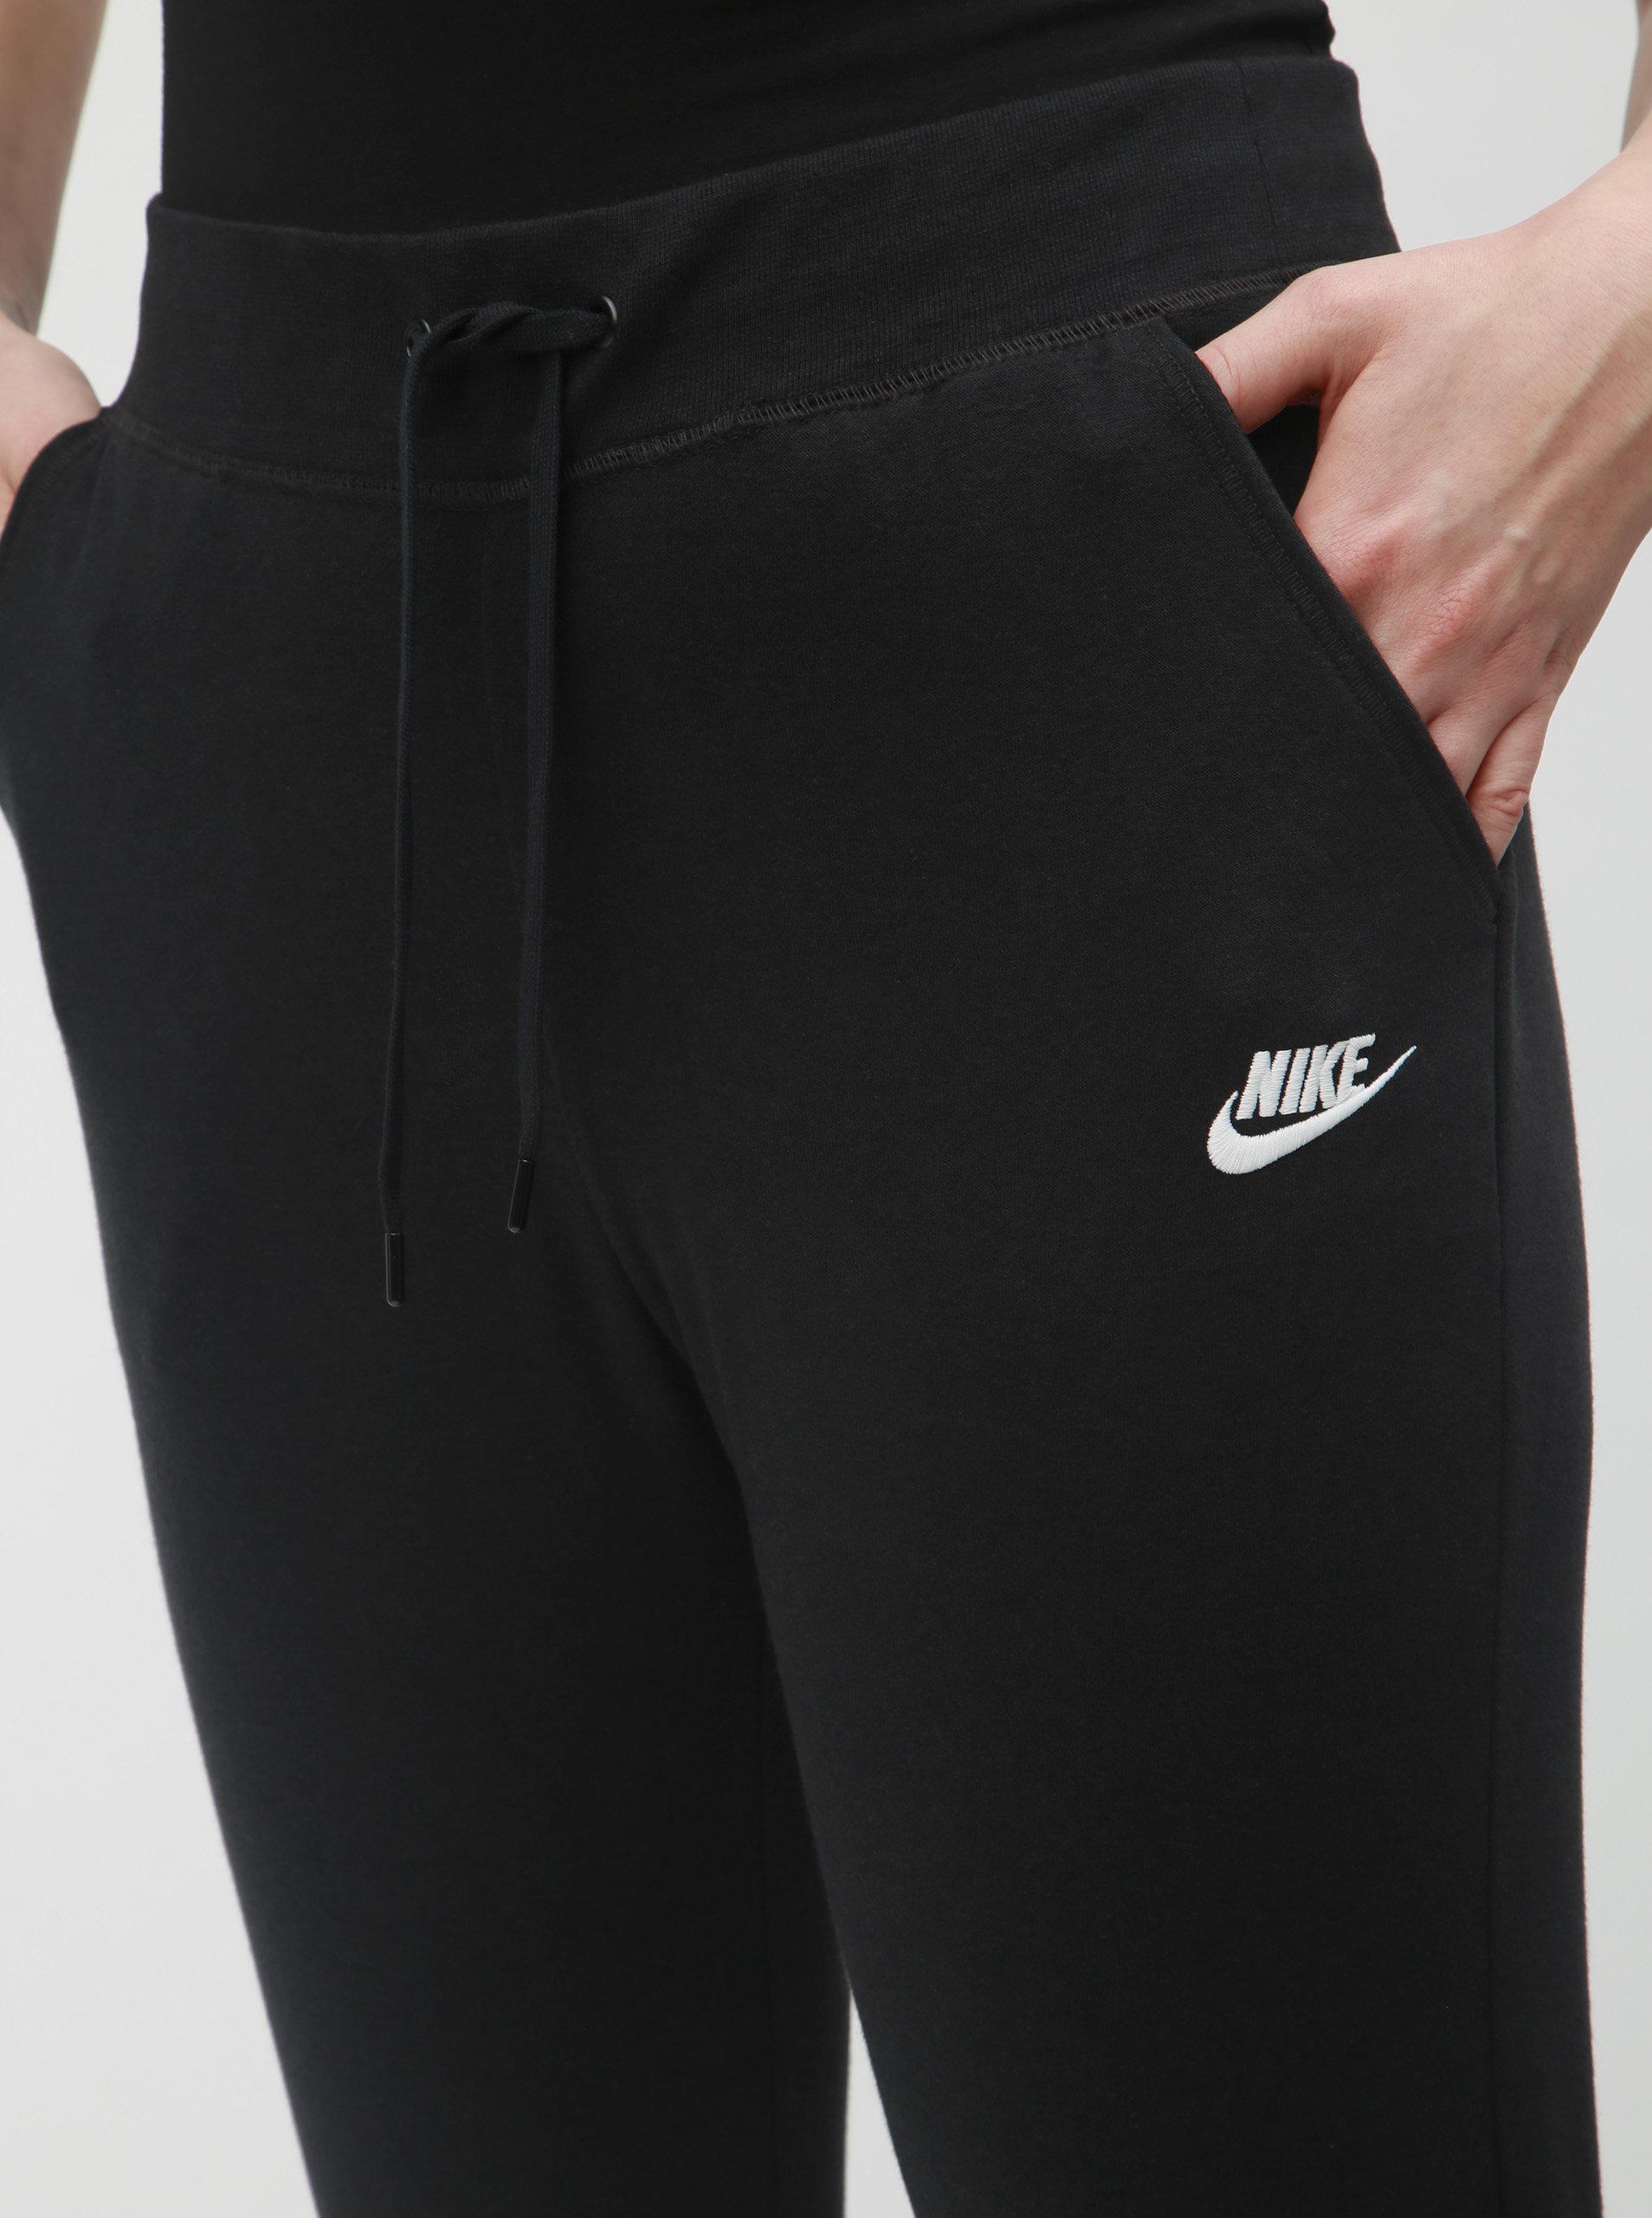 95cff844cea Černé dámské tepláky Nike ...